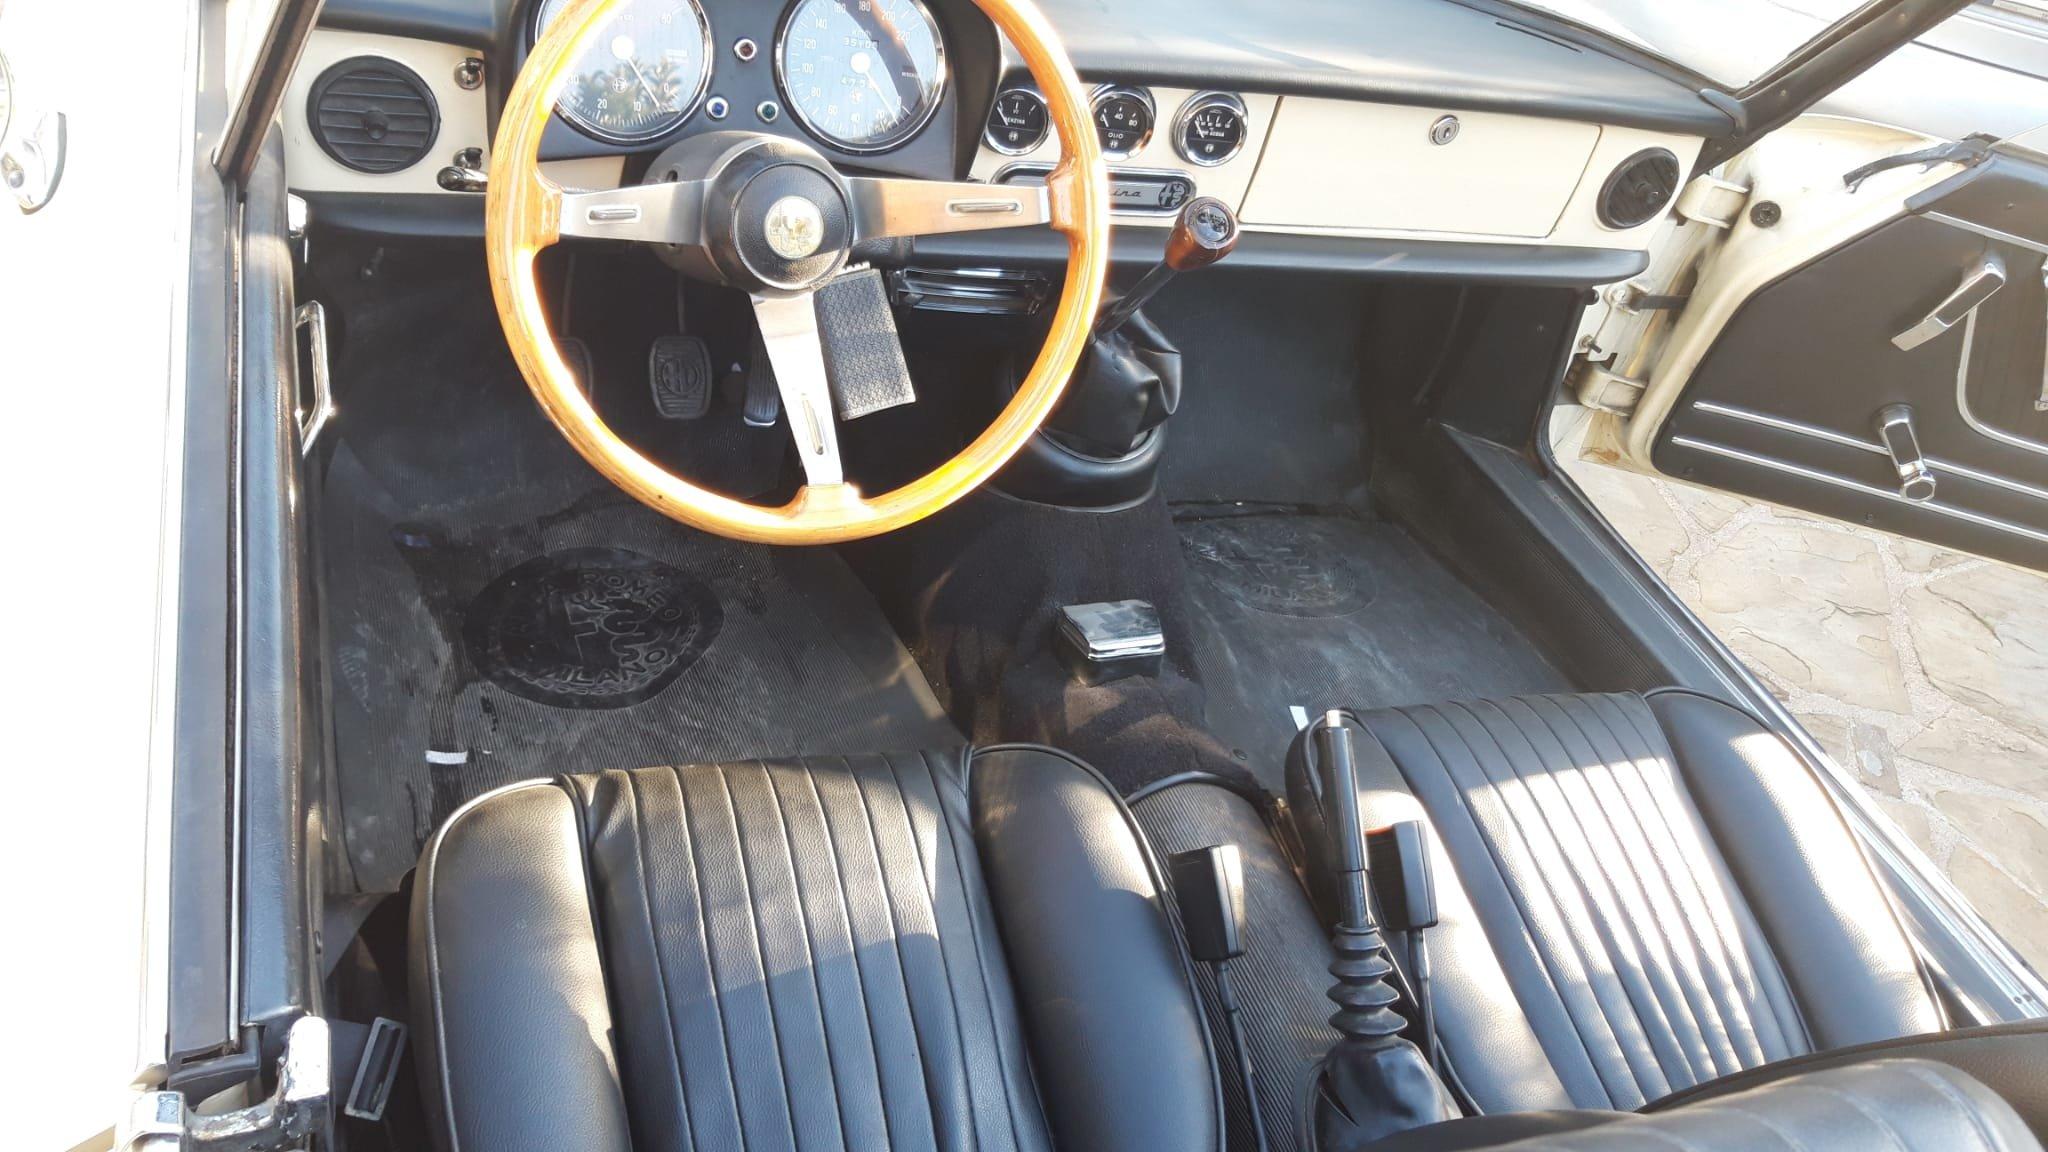 1976 Alfa Romeo Spider Duetto coda tronca 1300 For Sale (picture 7 of 9)